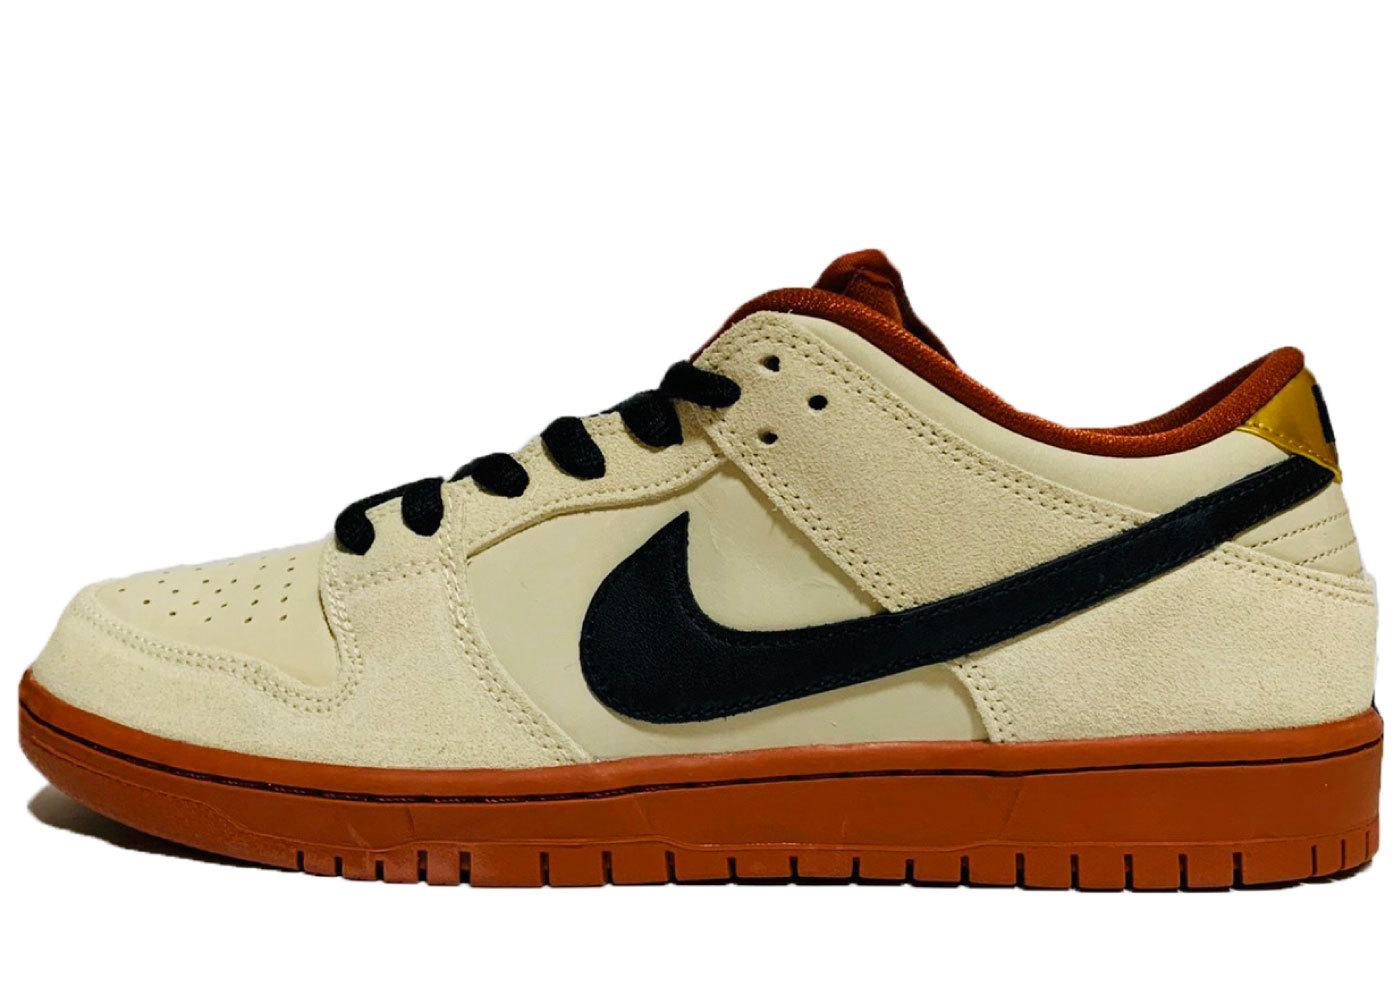 Nike SB Dunk Low Pro Muslinの写真